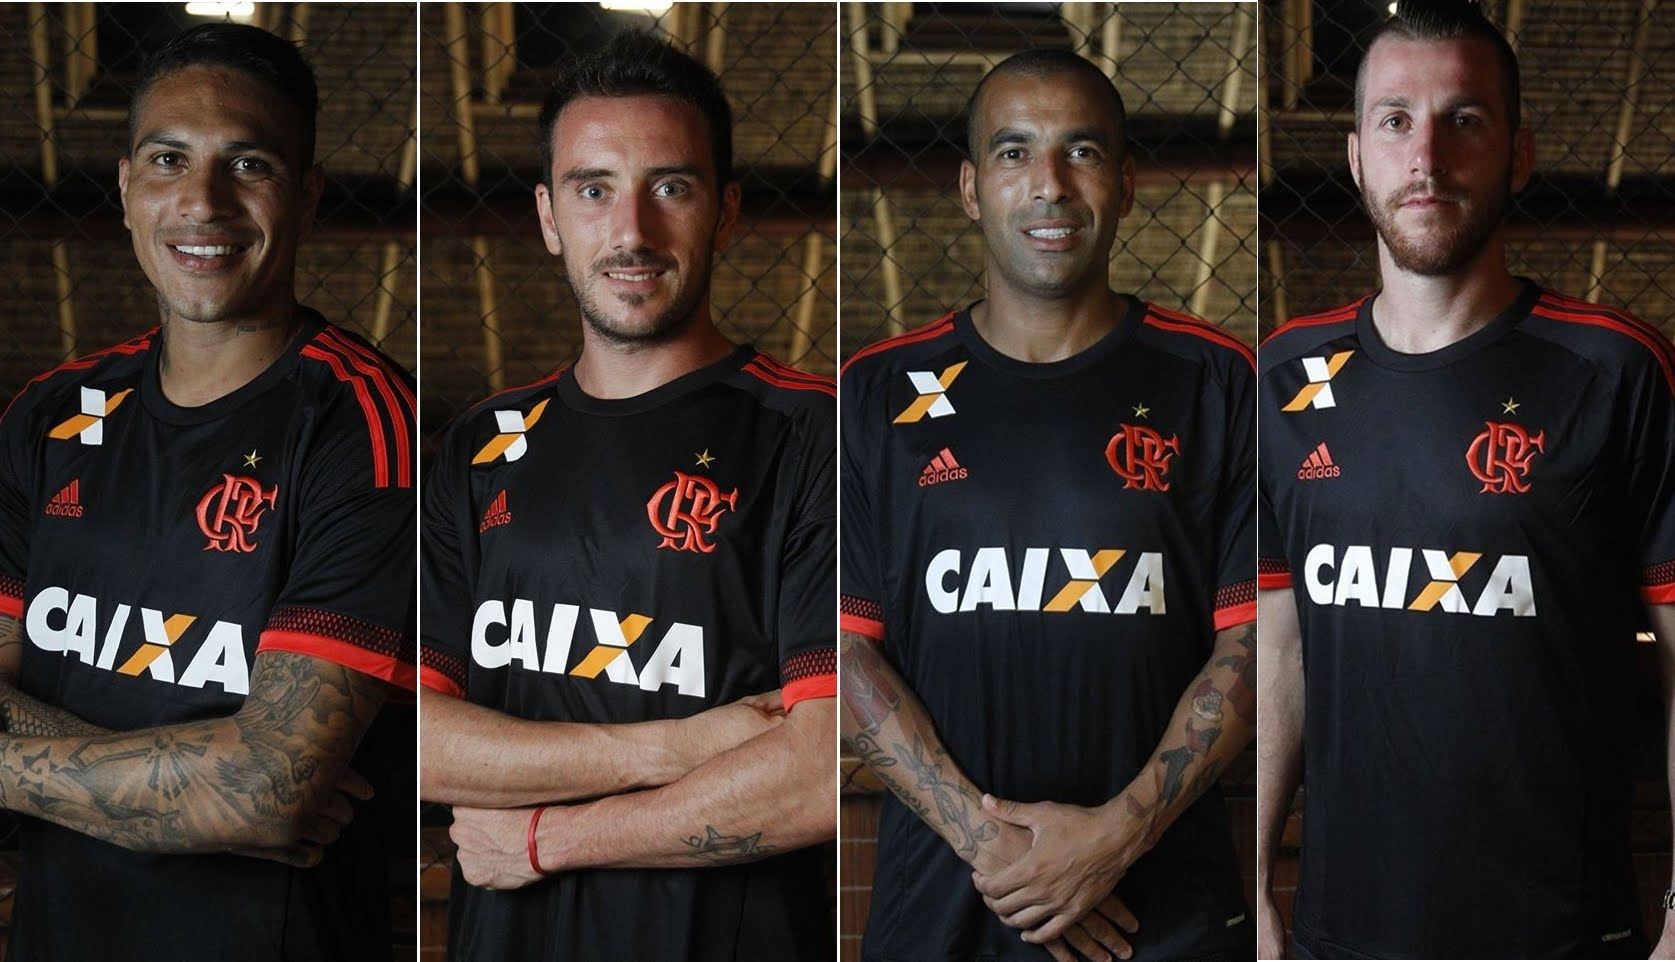 837dfb8fd2085 Urubu inspira camisa 3 do Flamengo - Coluna do Fla - Notícias ...